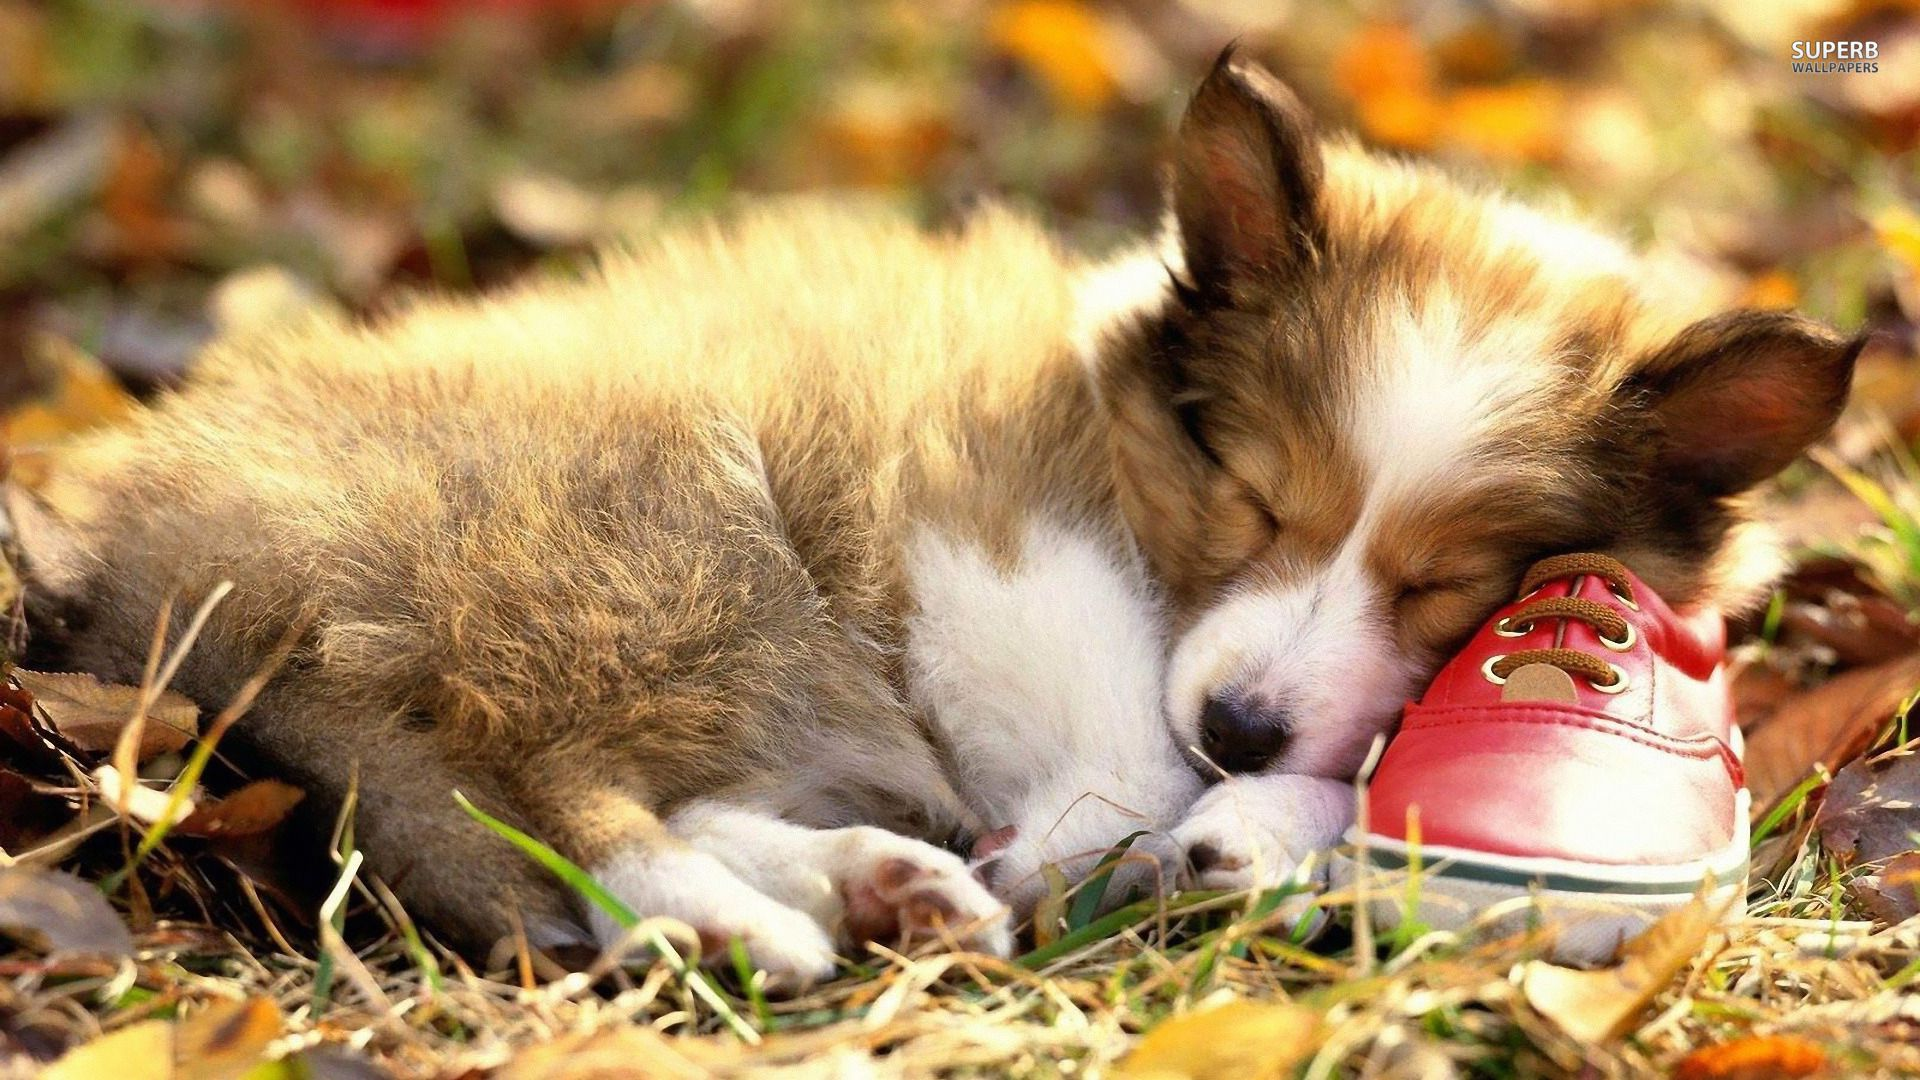 cute welsh corgi puppy wallpaper desktop 14a 1920x1080 px